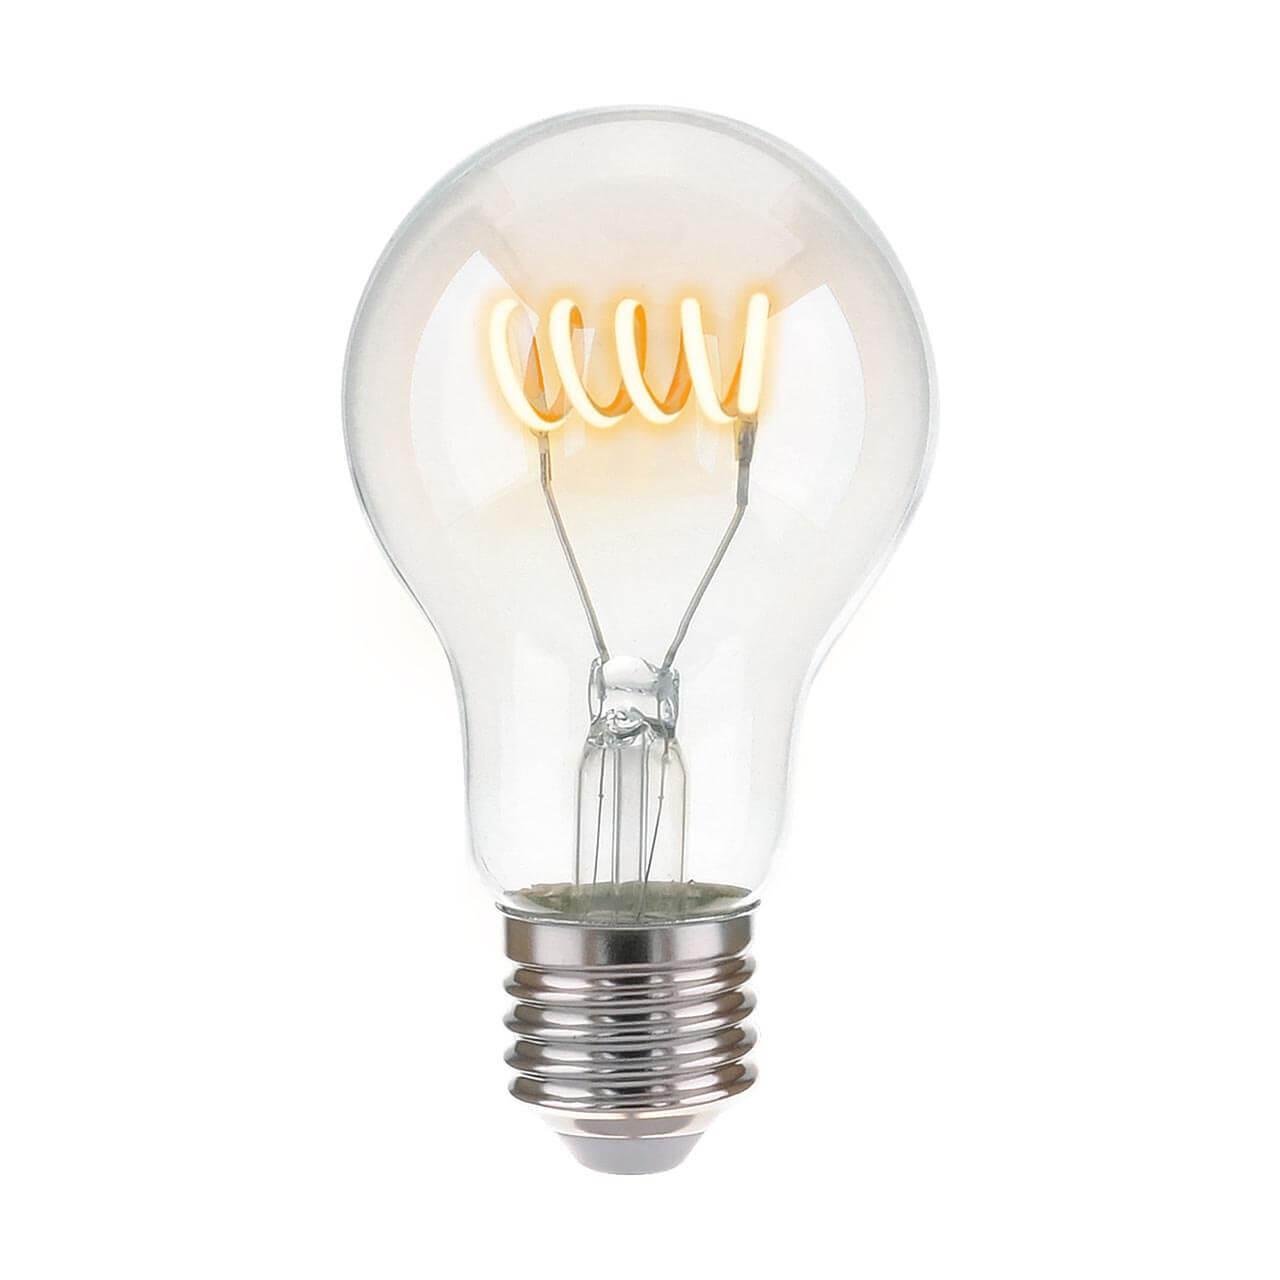 Лампа светодиодная E27 6W 4200K прозрачная 4690389125249 elektrostandart classic classic led d 10w 4200k e27